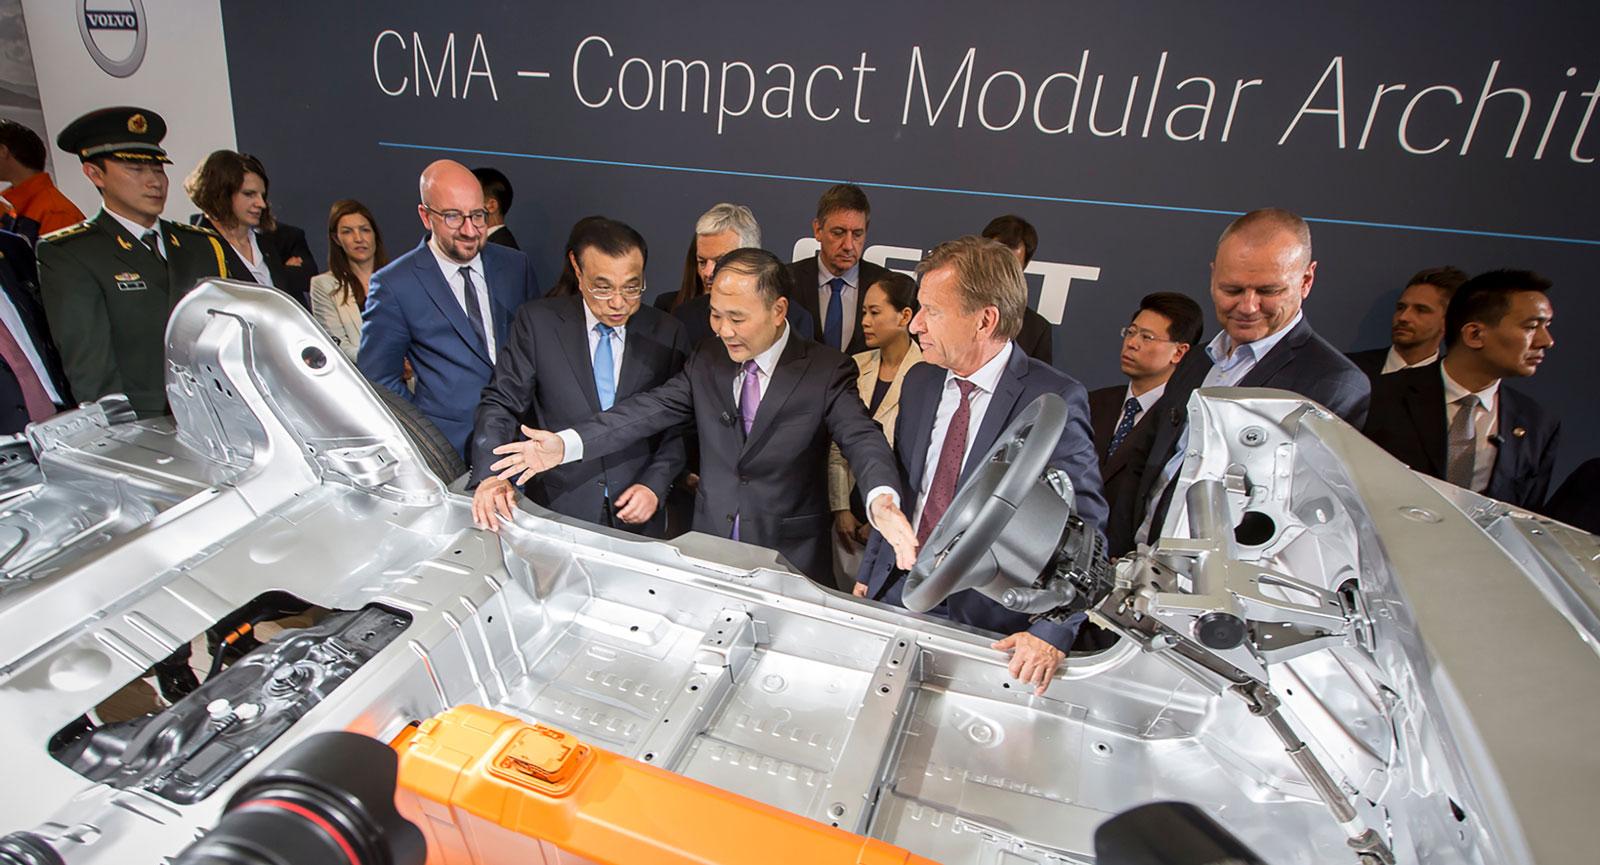 Geelys ägare Li Shufu bygger ett imperium. CMA-plattformen ska användas av Volvo, Lotus, Polestar, Lynk & Co med flera. (Foto: CEVT).